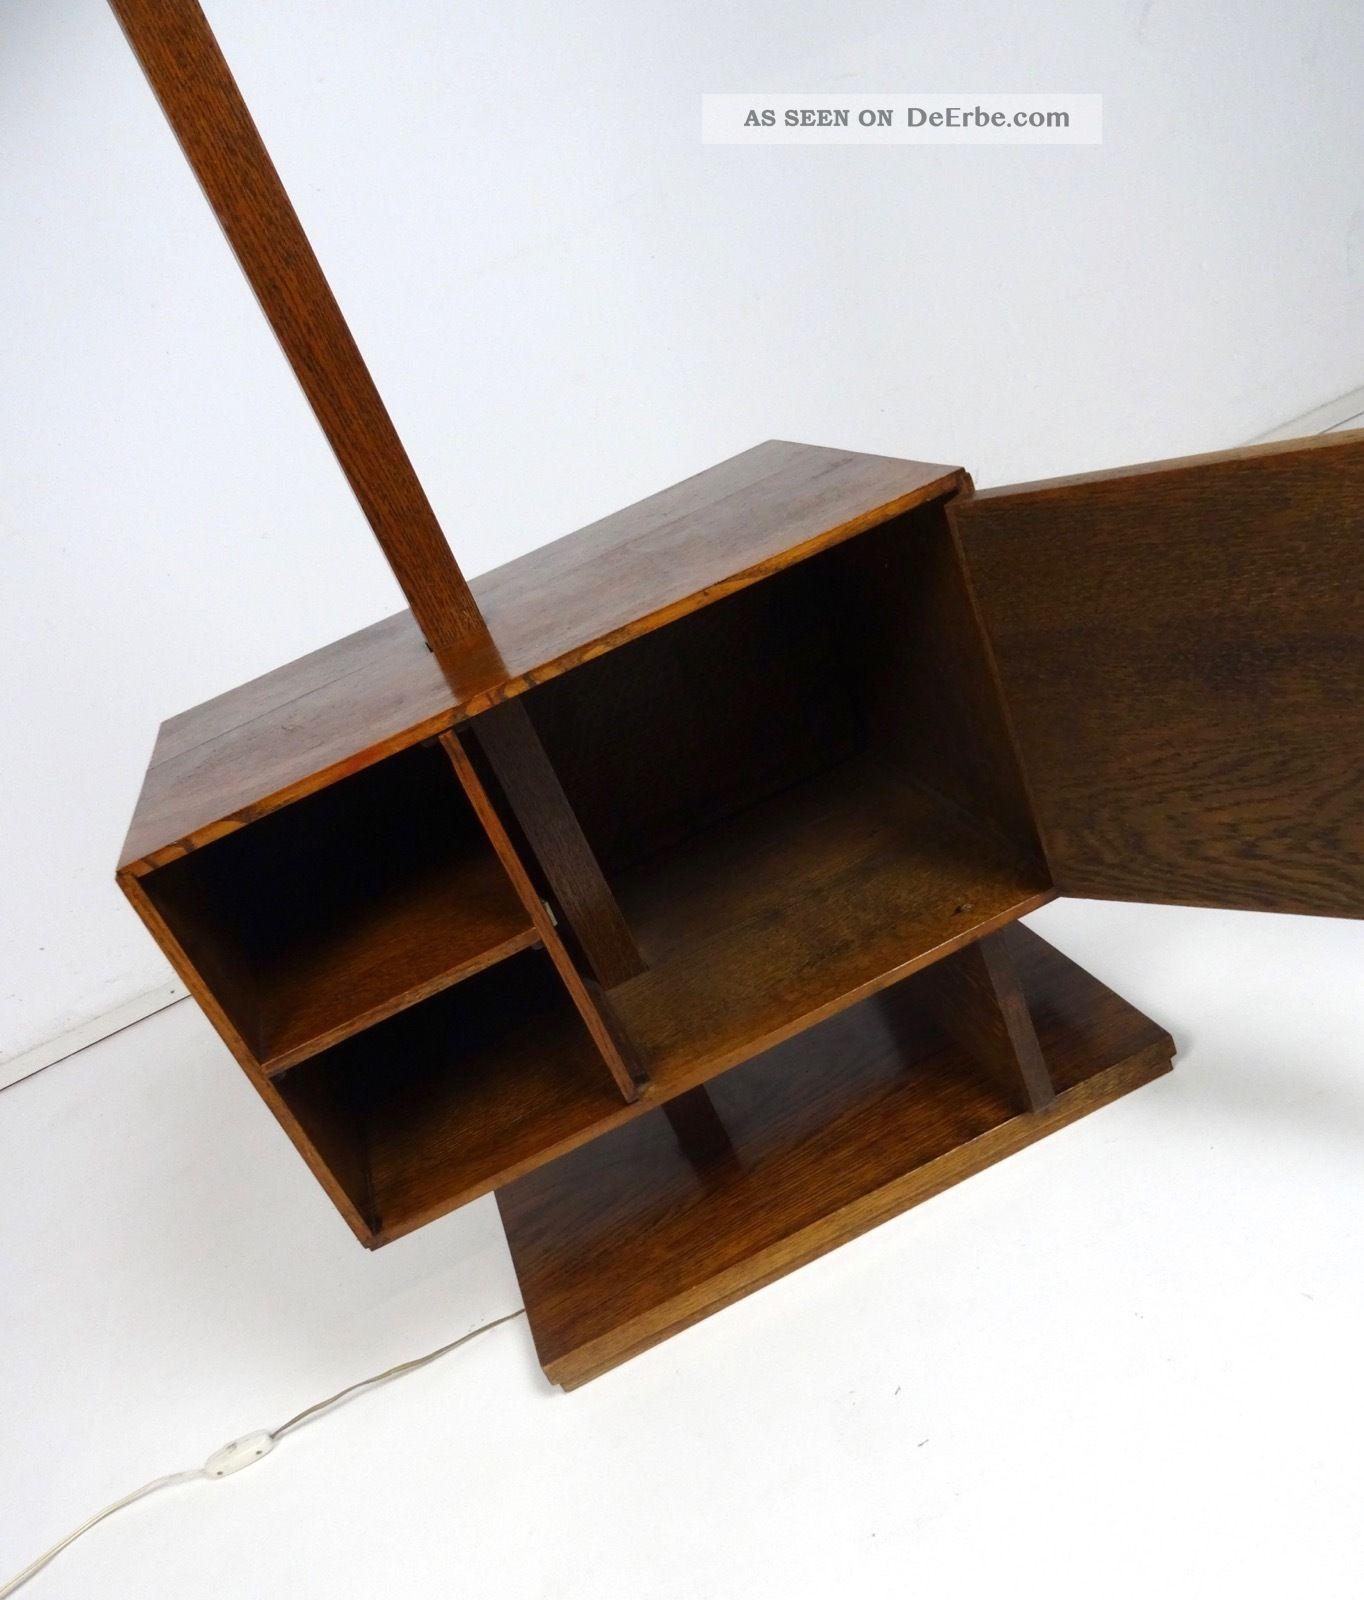 Möbel Bauhaus 30er deco lesele beistelltisch kommode antik möbel bauhaus